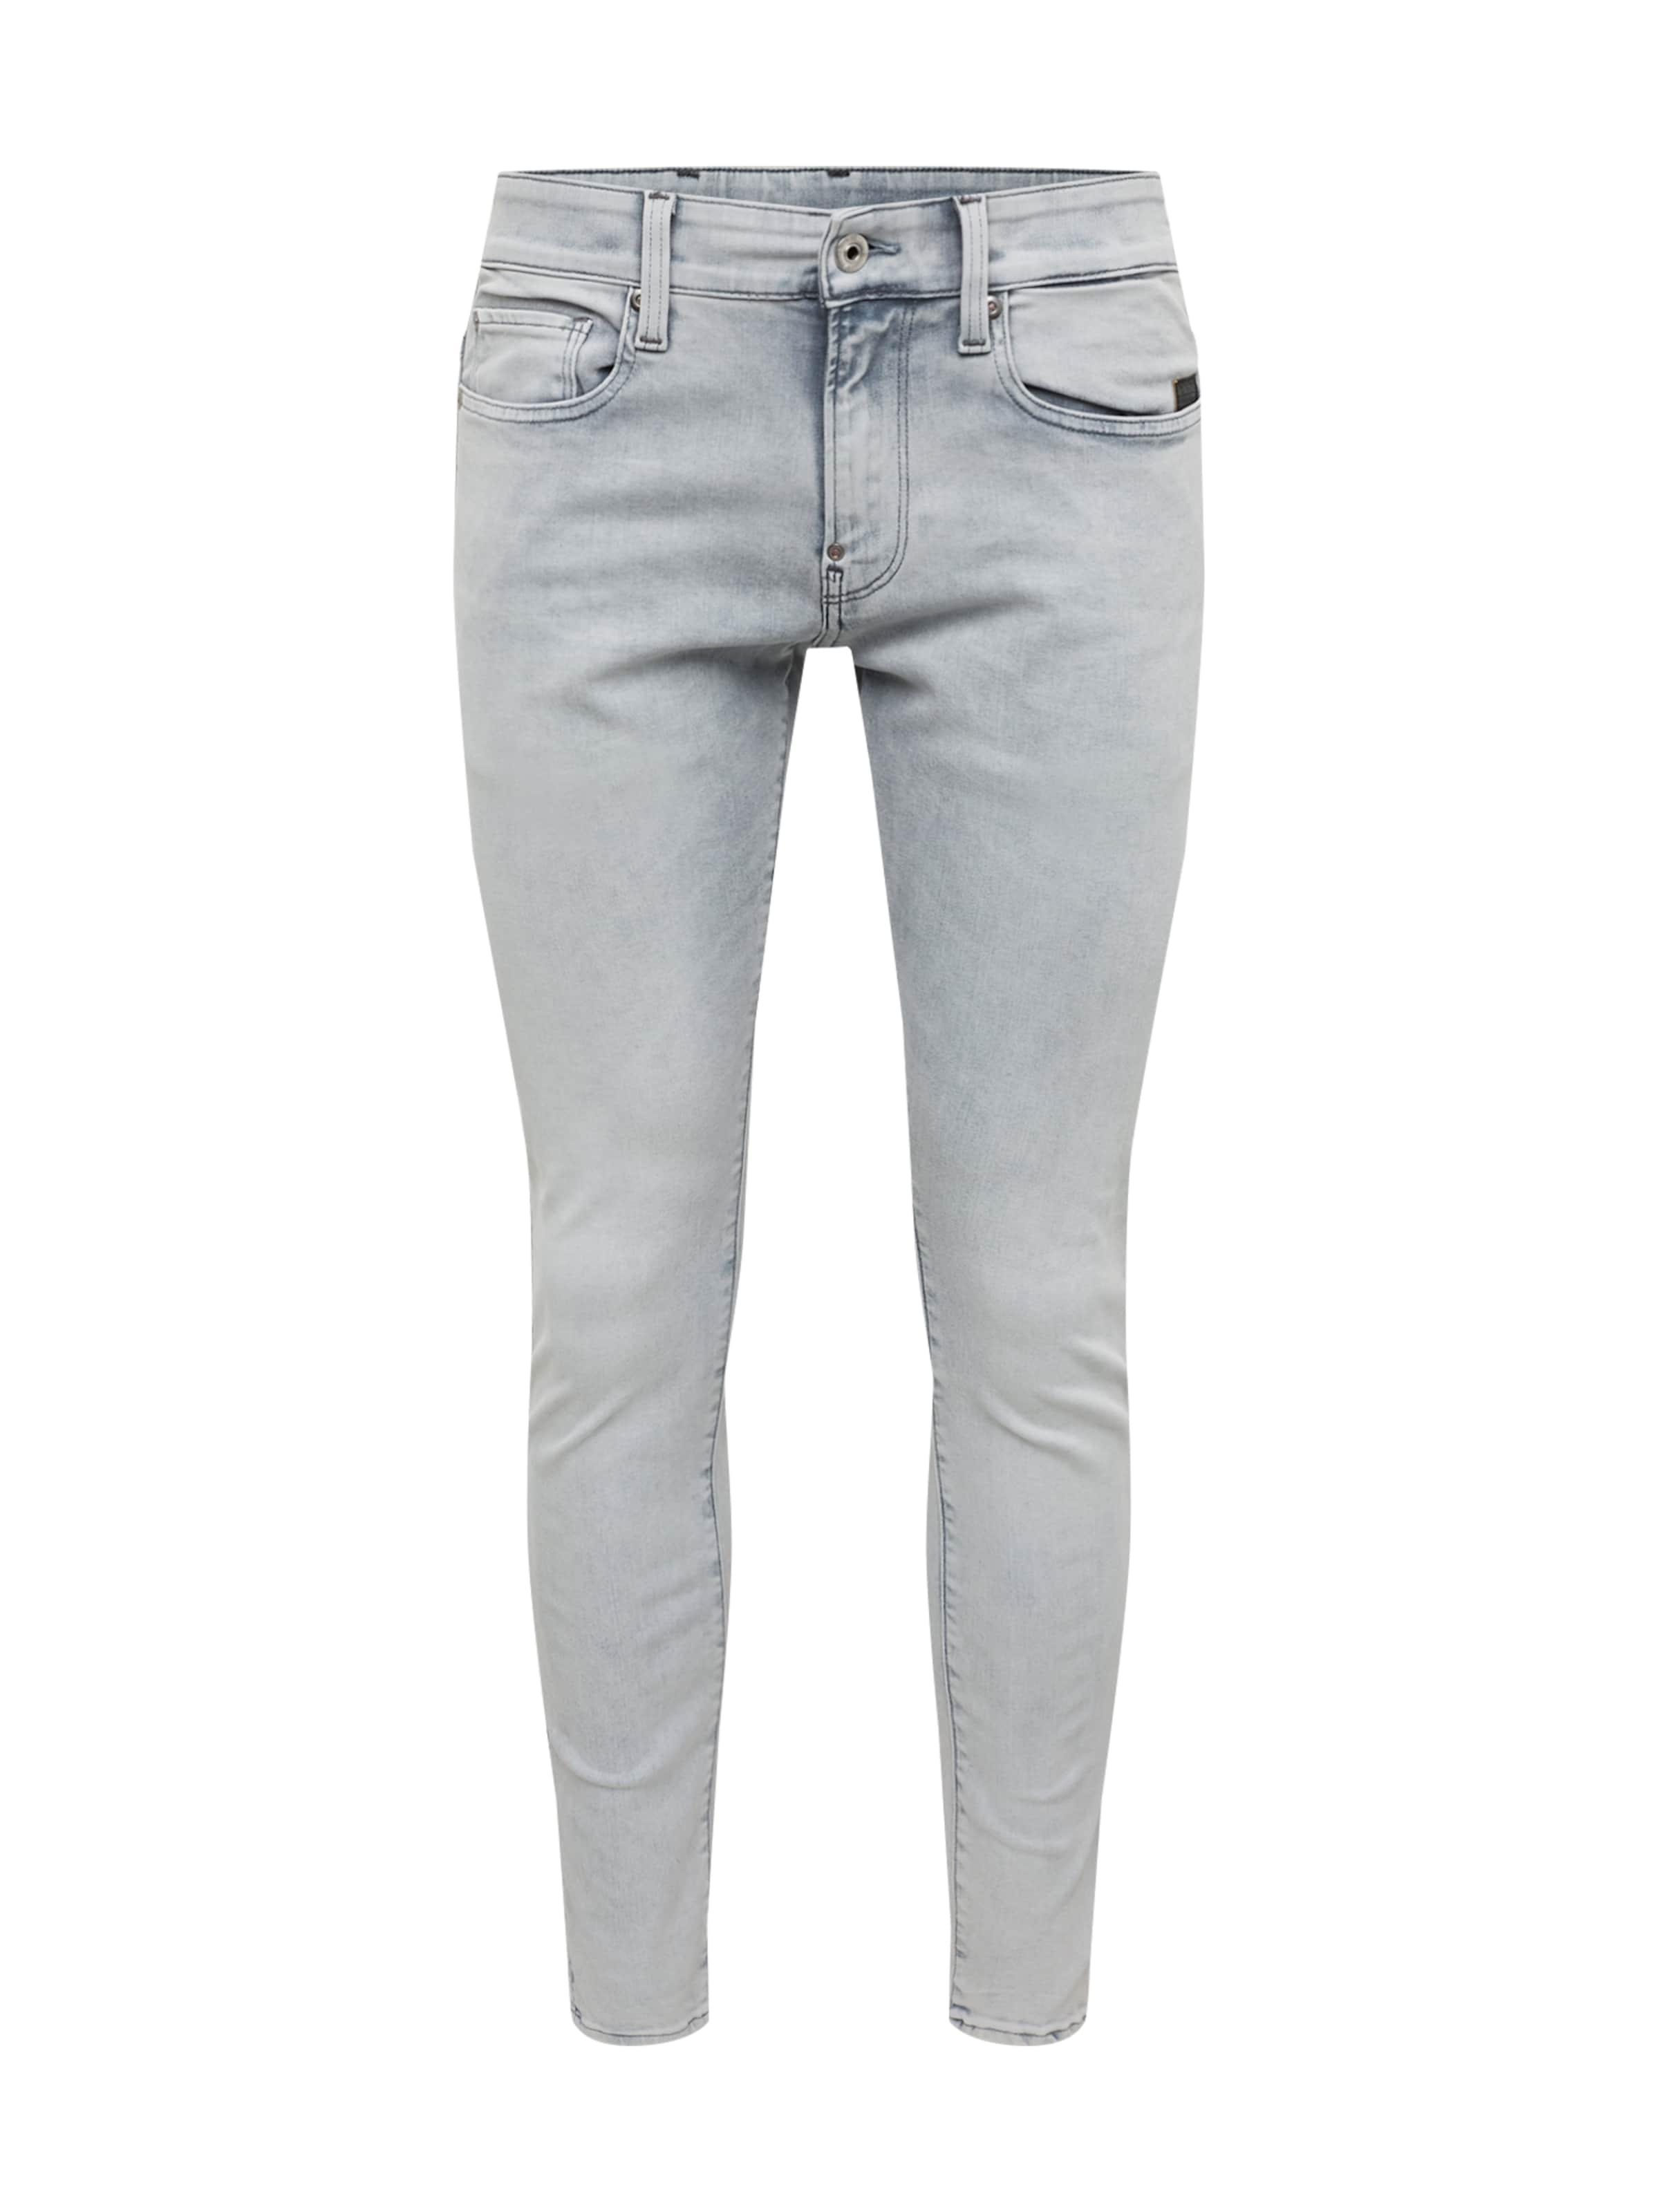 Raw star Super Grey Denim G In Jeans Slim' 'revend 8OZnwPNX0k